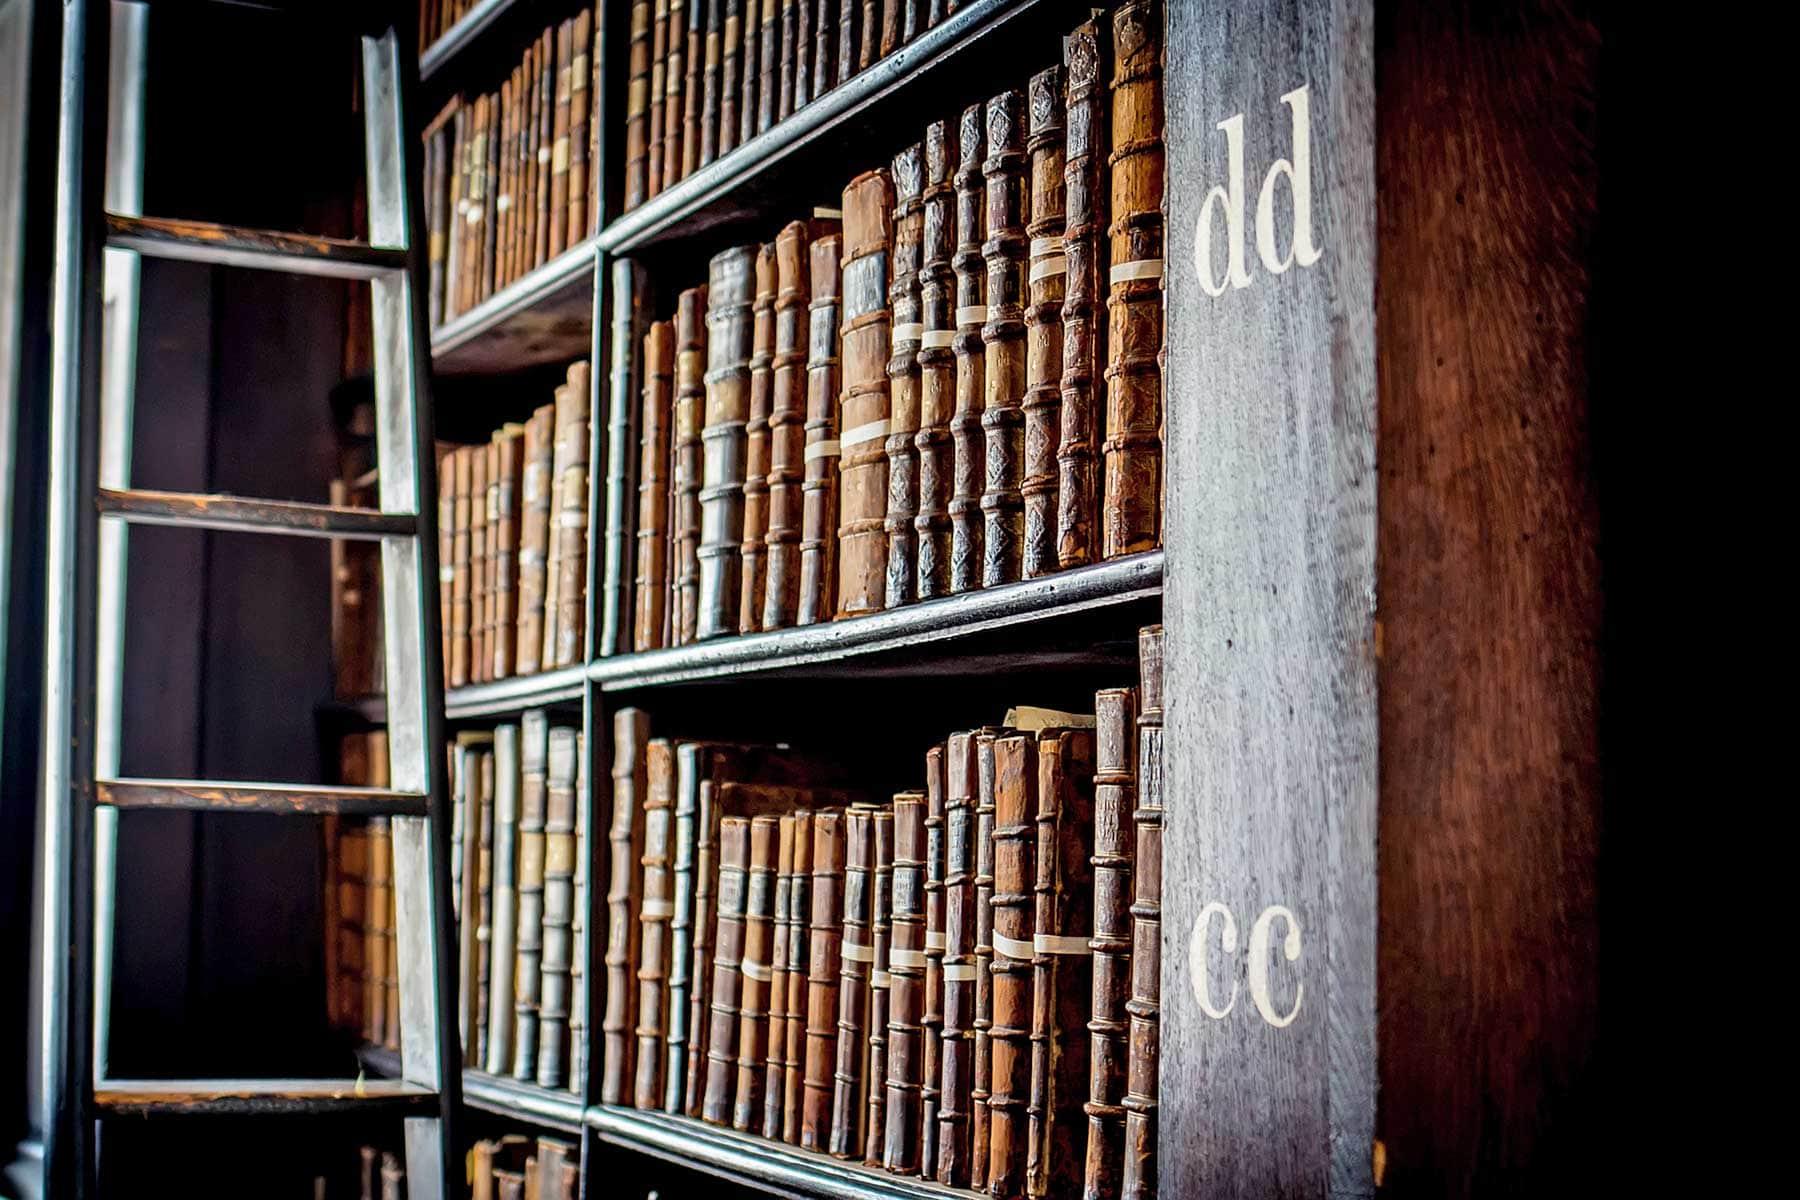 Gratis doen in Dublin: bezoek de Long Room in Trinity College